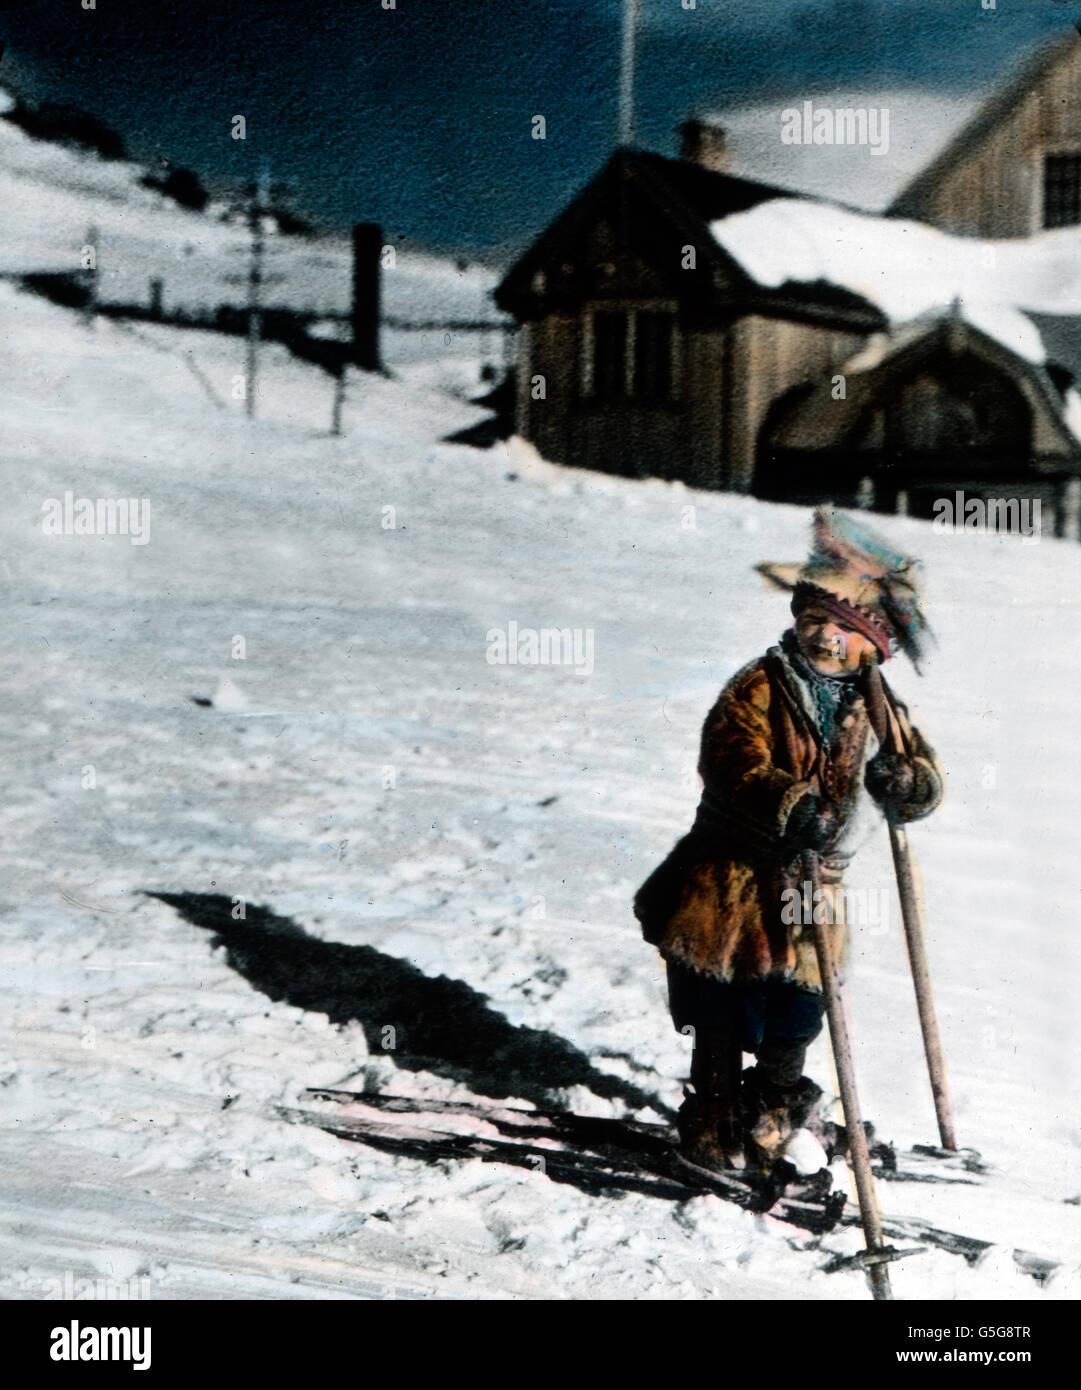 Kleiner Skifahrer Ein Kleiner Junge Skifahren Kind Junge Spaß